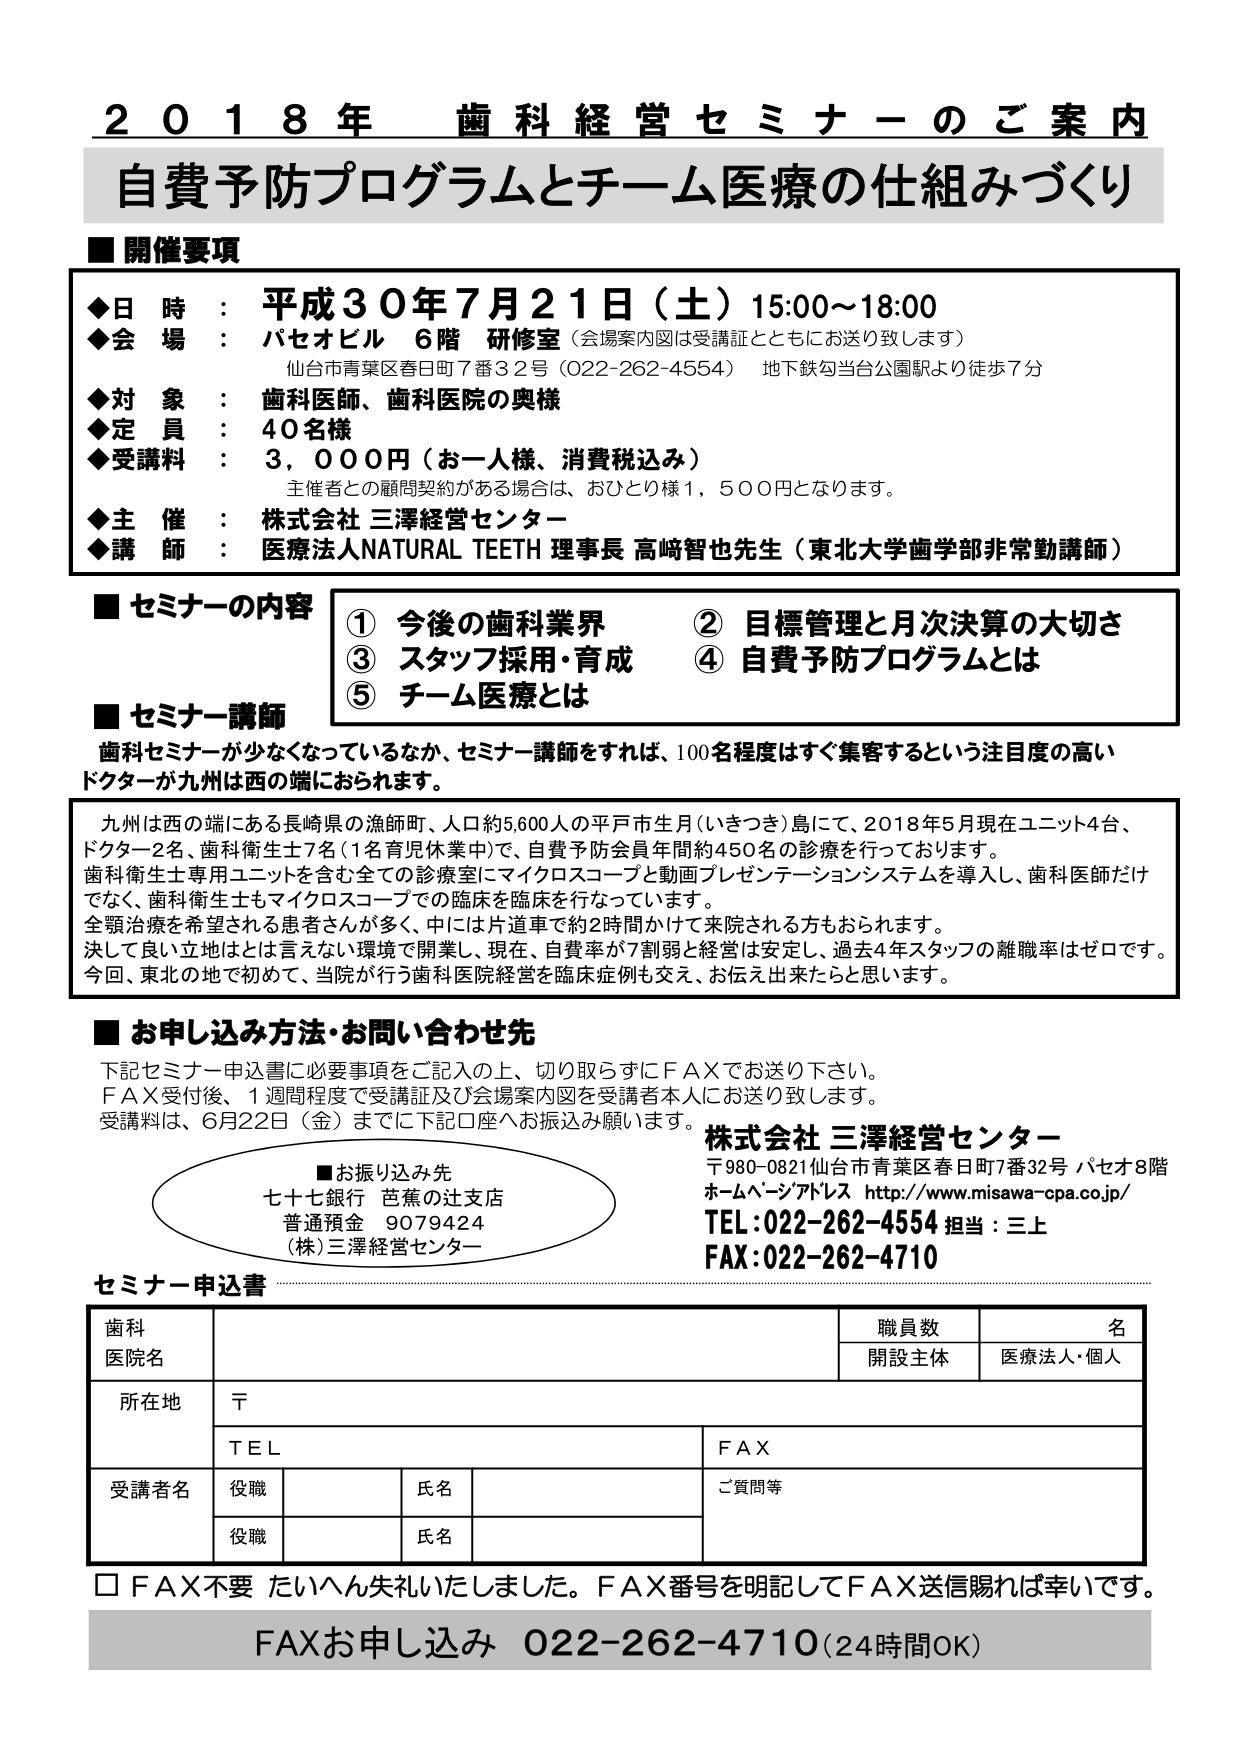 20180721三澤会計セミナー